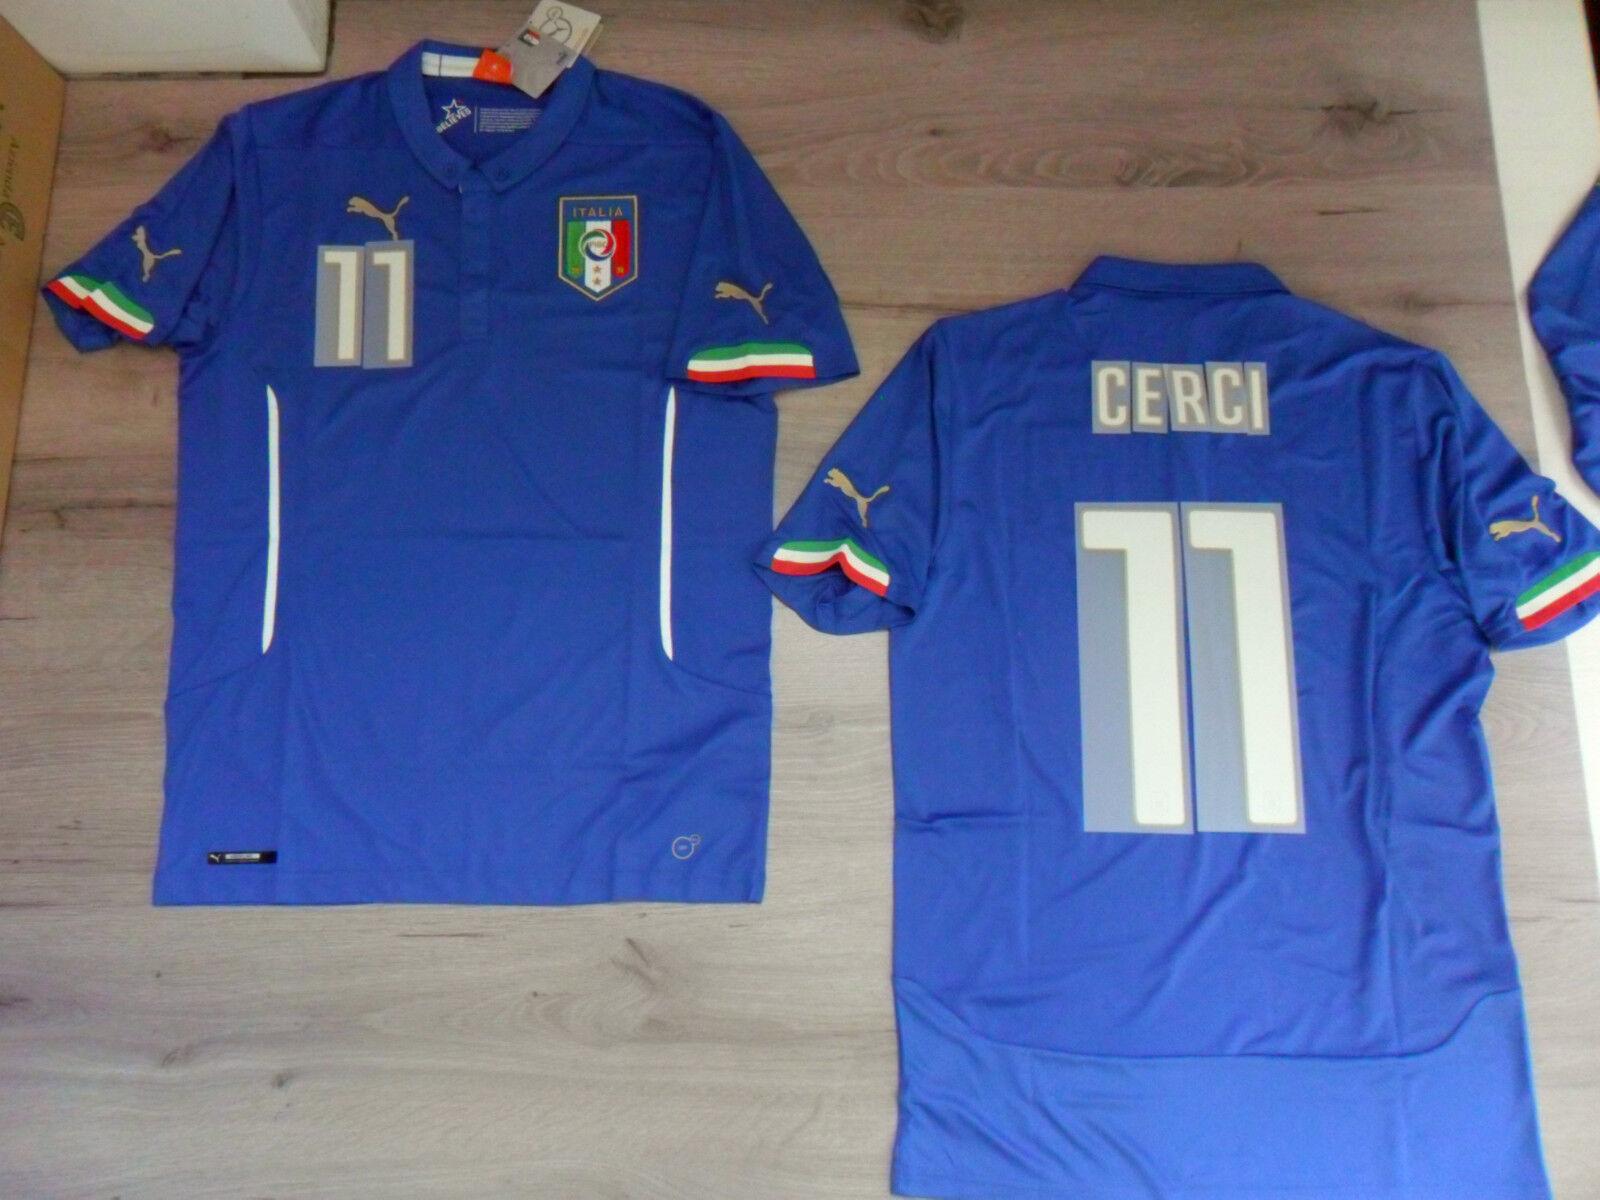 FW14 PUMA S S S NACH HAUSE ITALIEN 11 CASEY T-SHIRT WELT TRIKOT JERSEY d94dc4